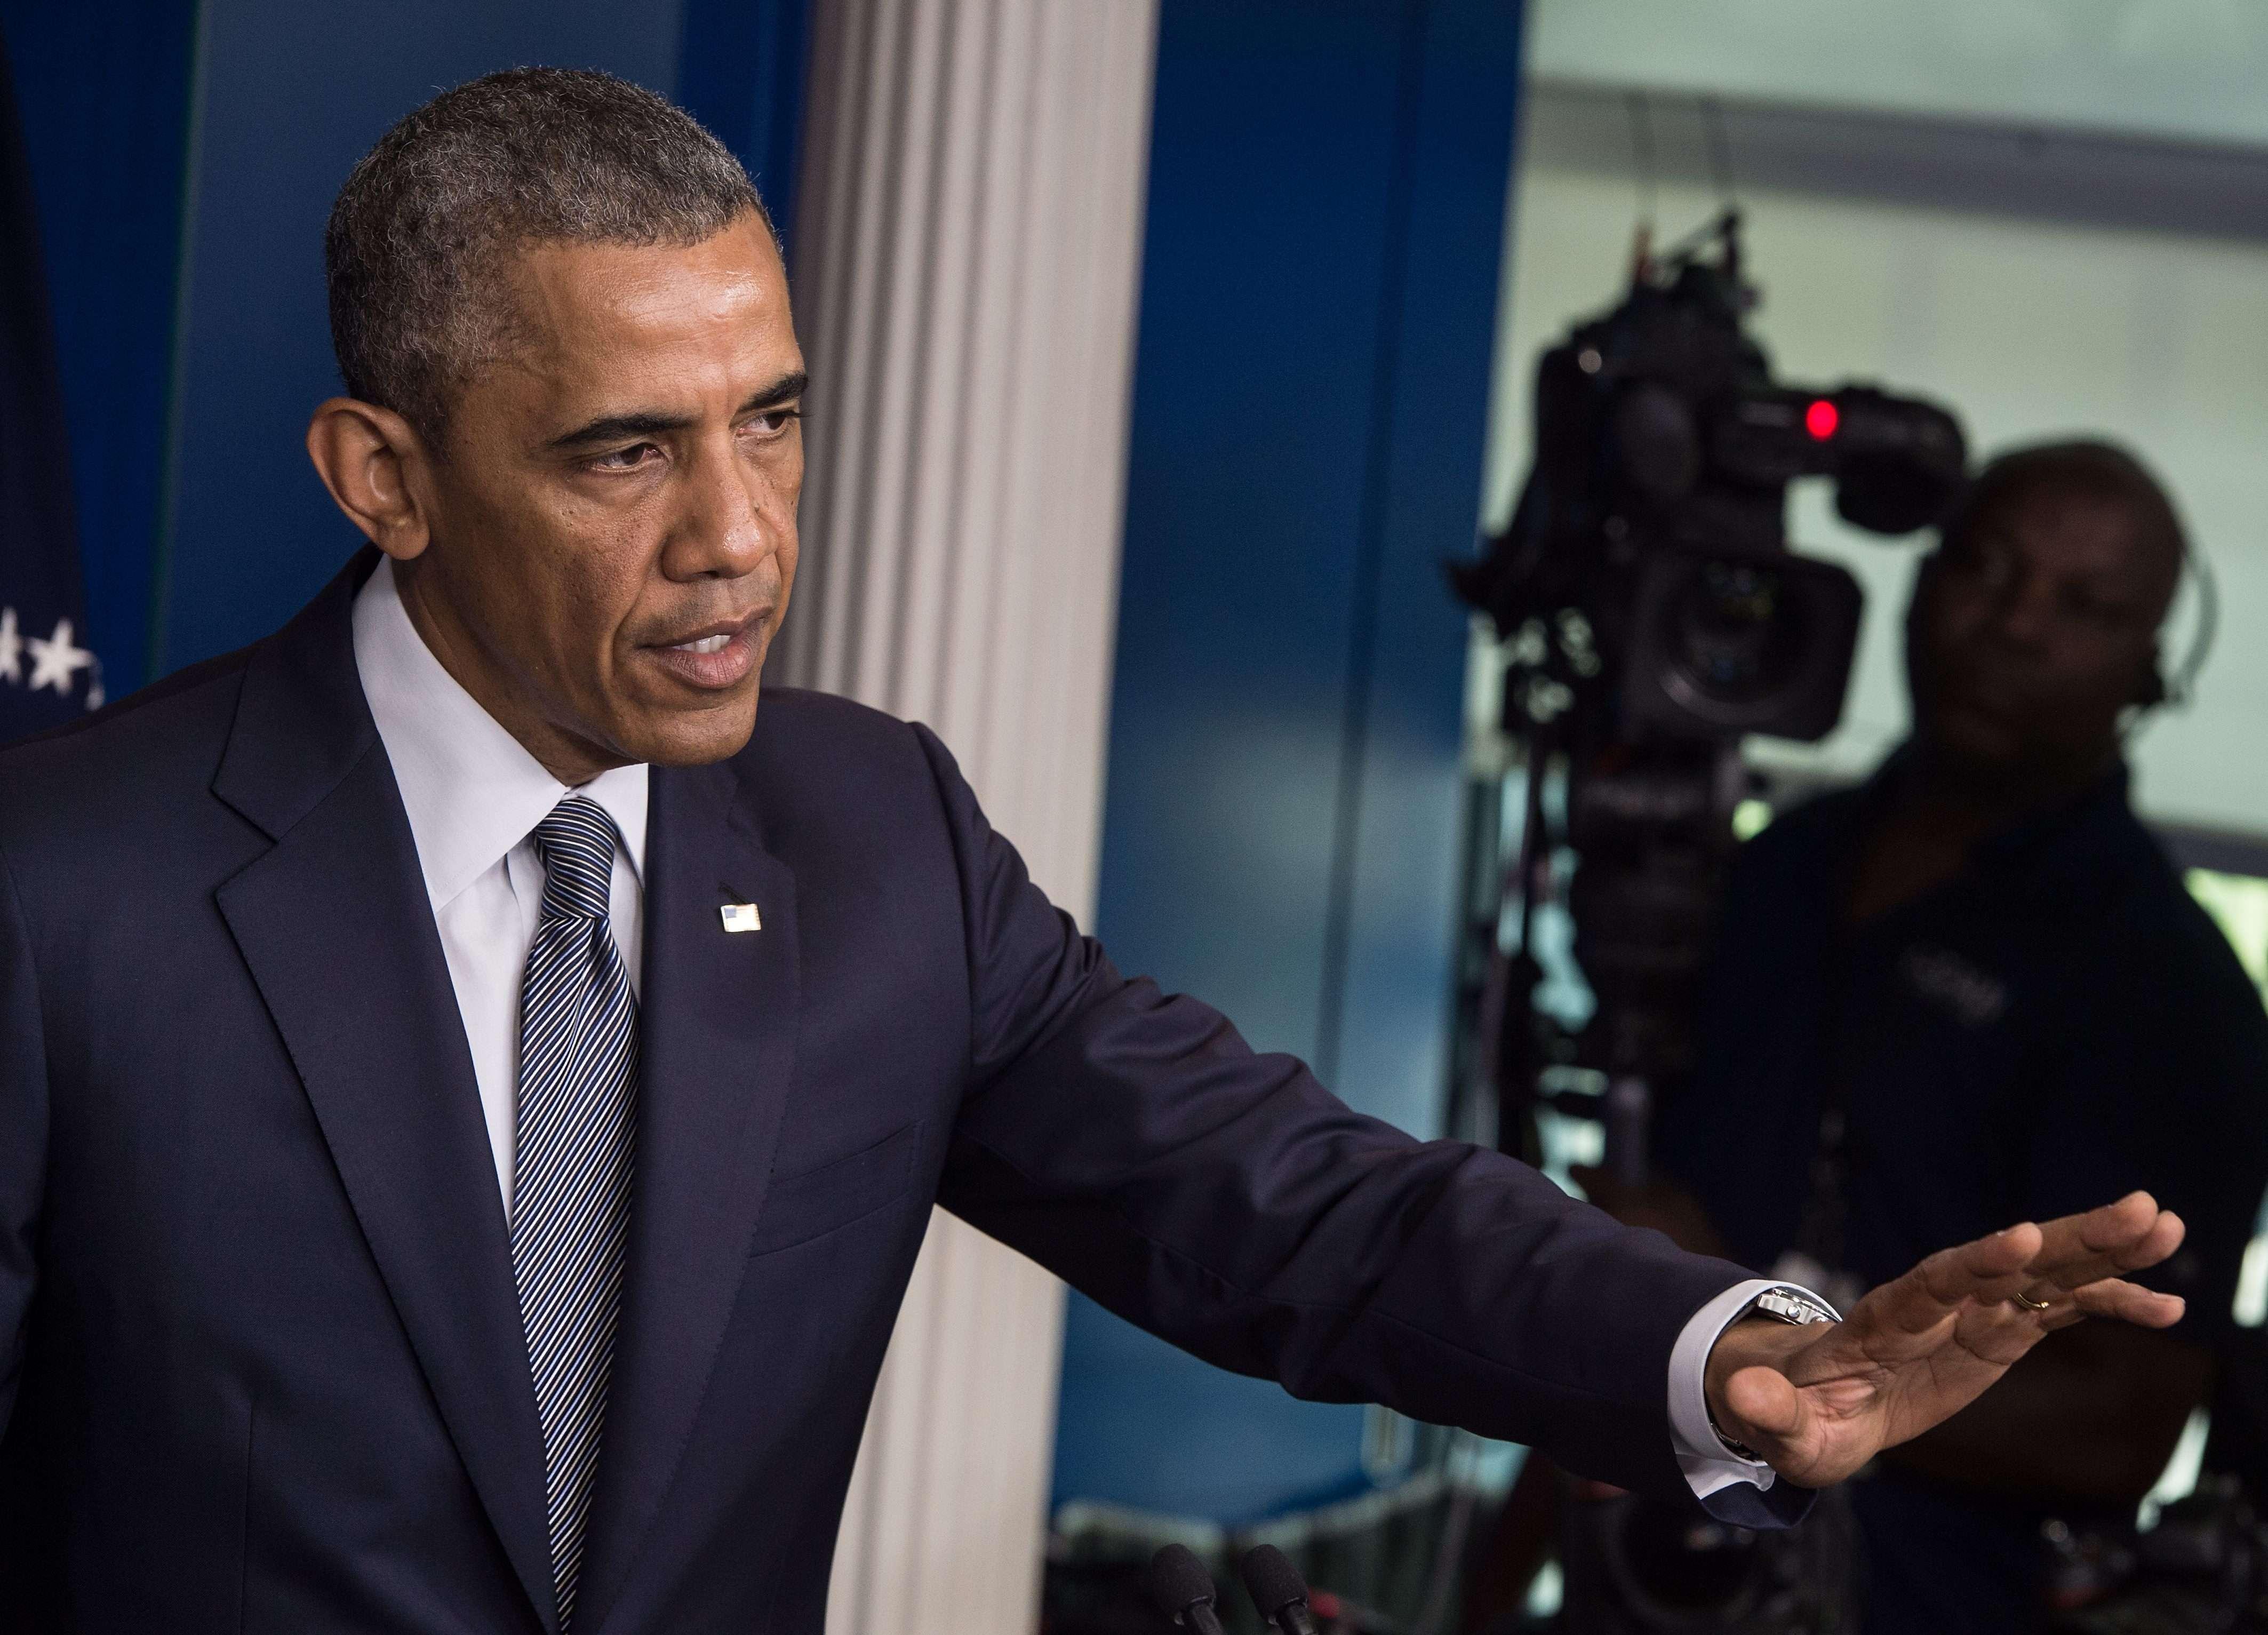 Mesajul lui Barack Obama pentru Republica Moldova